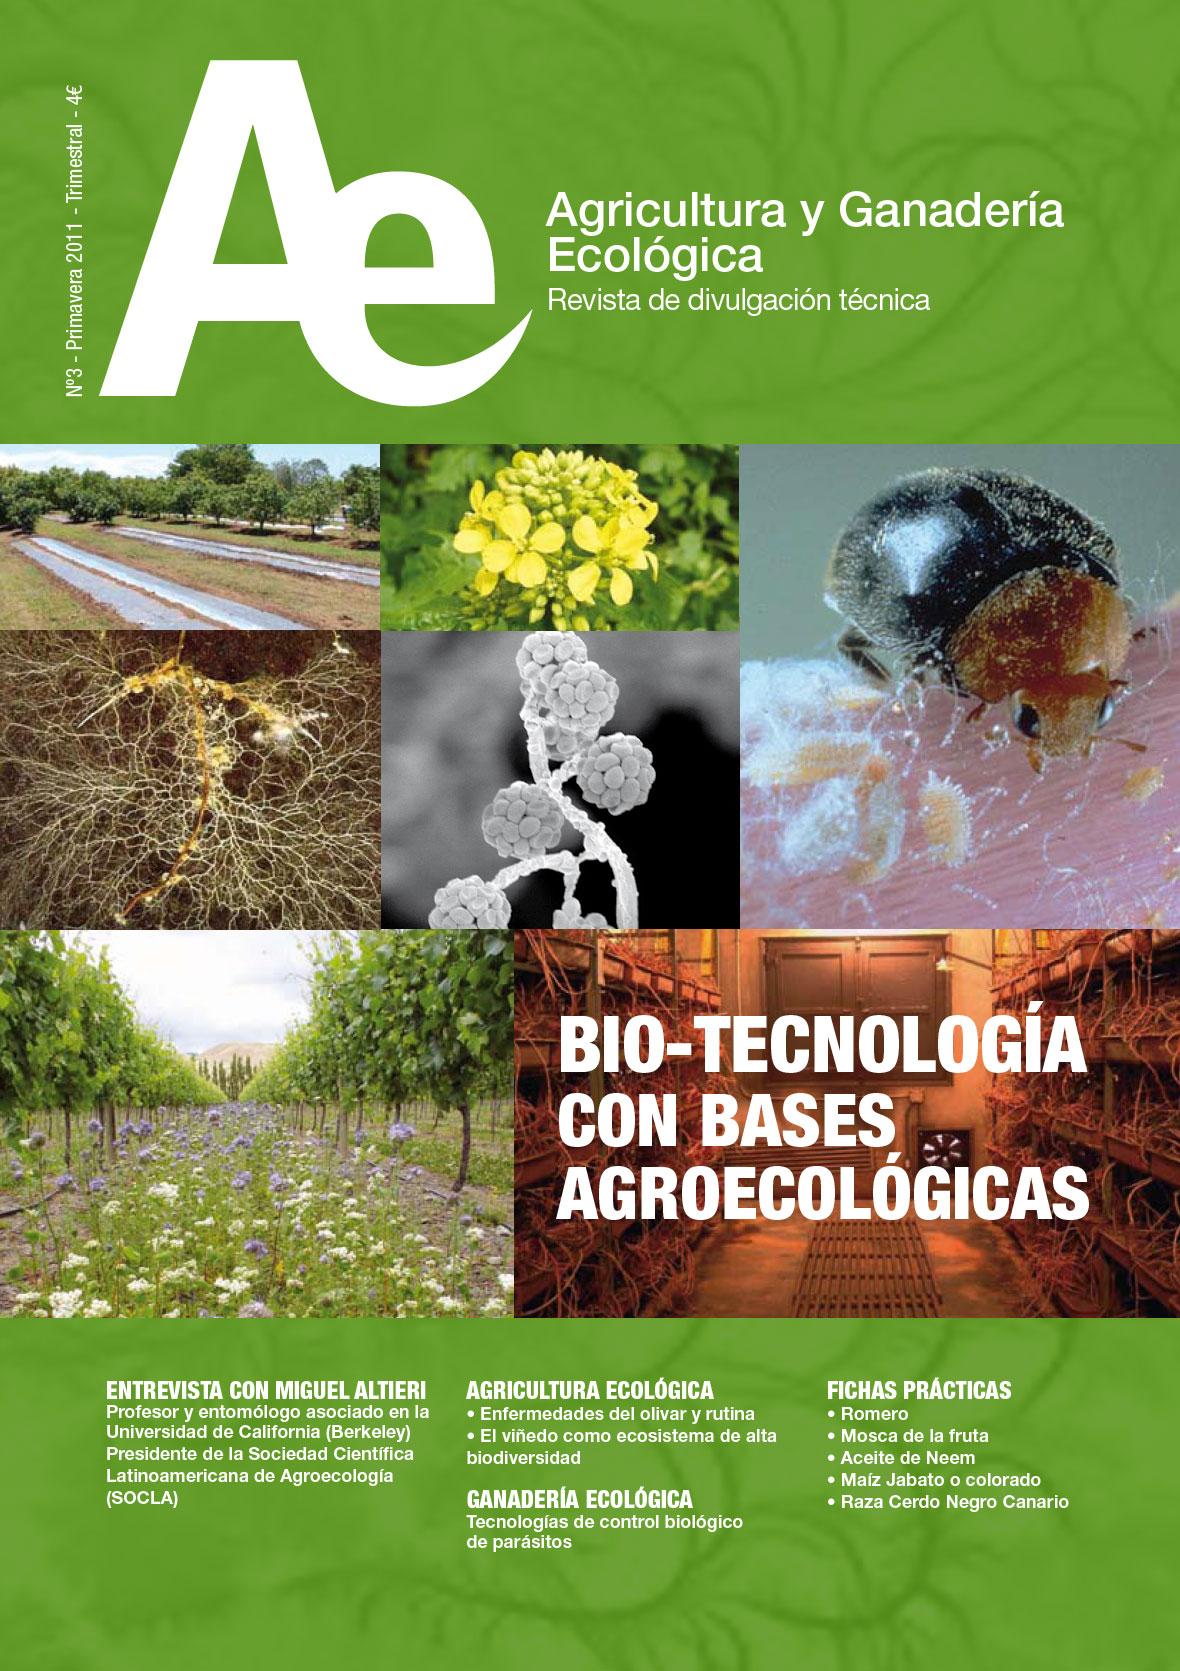 Cover of El viñedo como ecosistema de alta biodiversidad